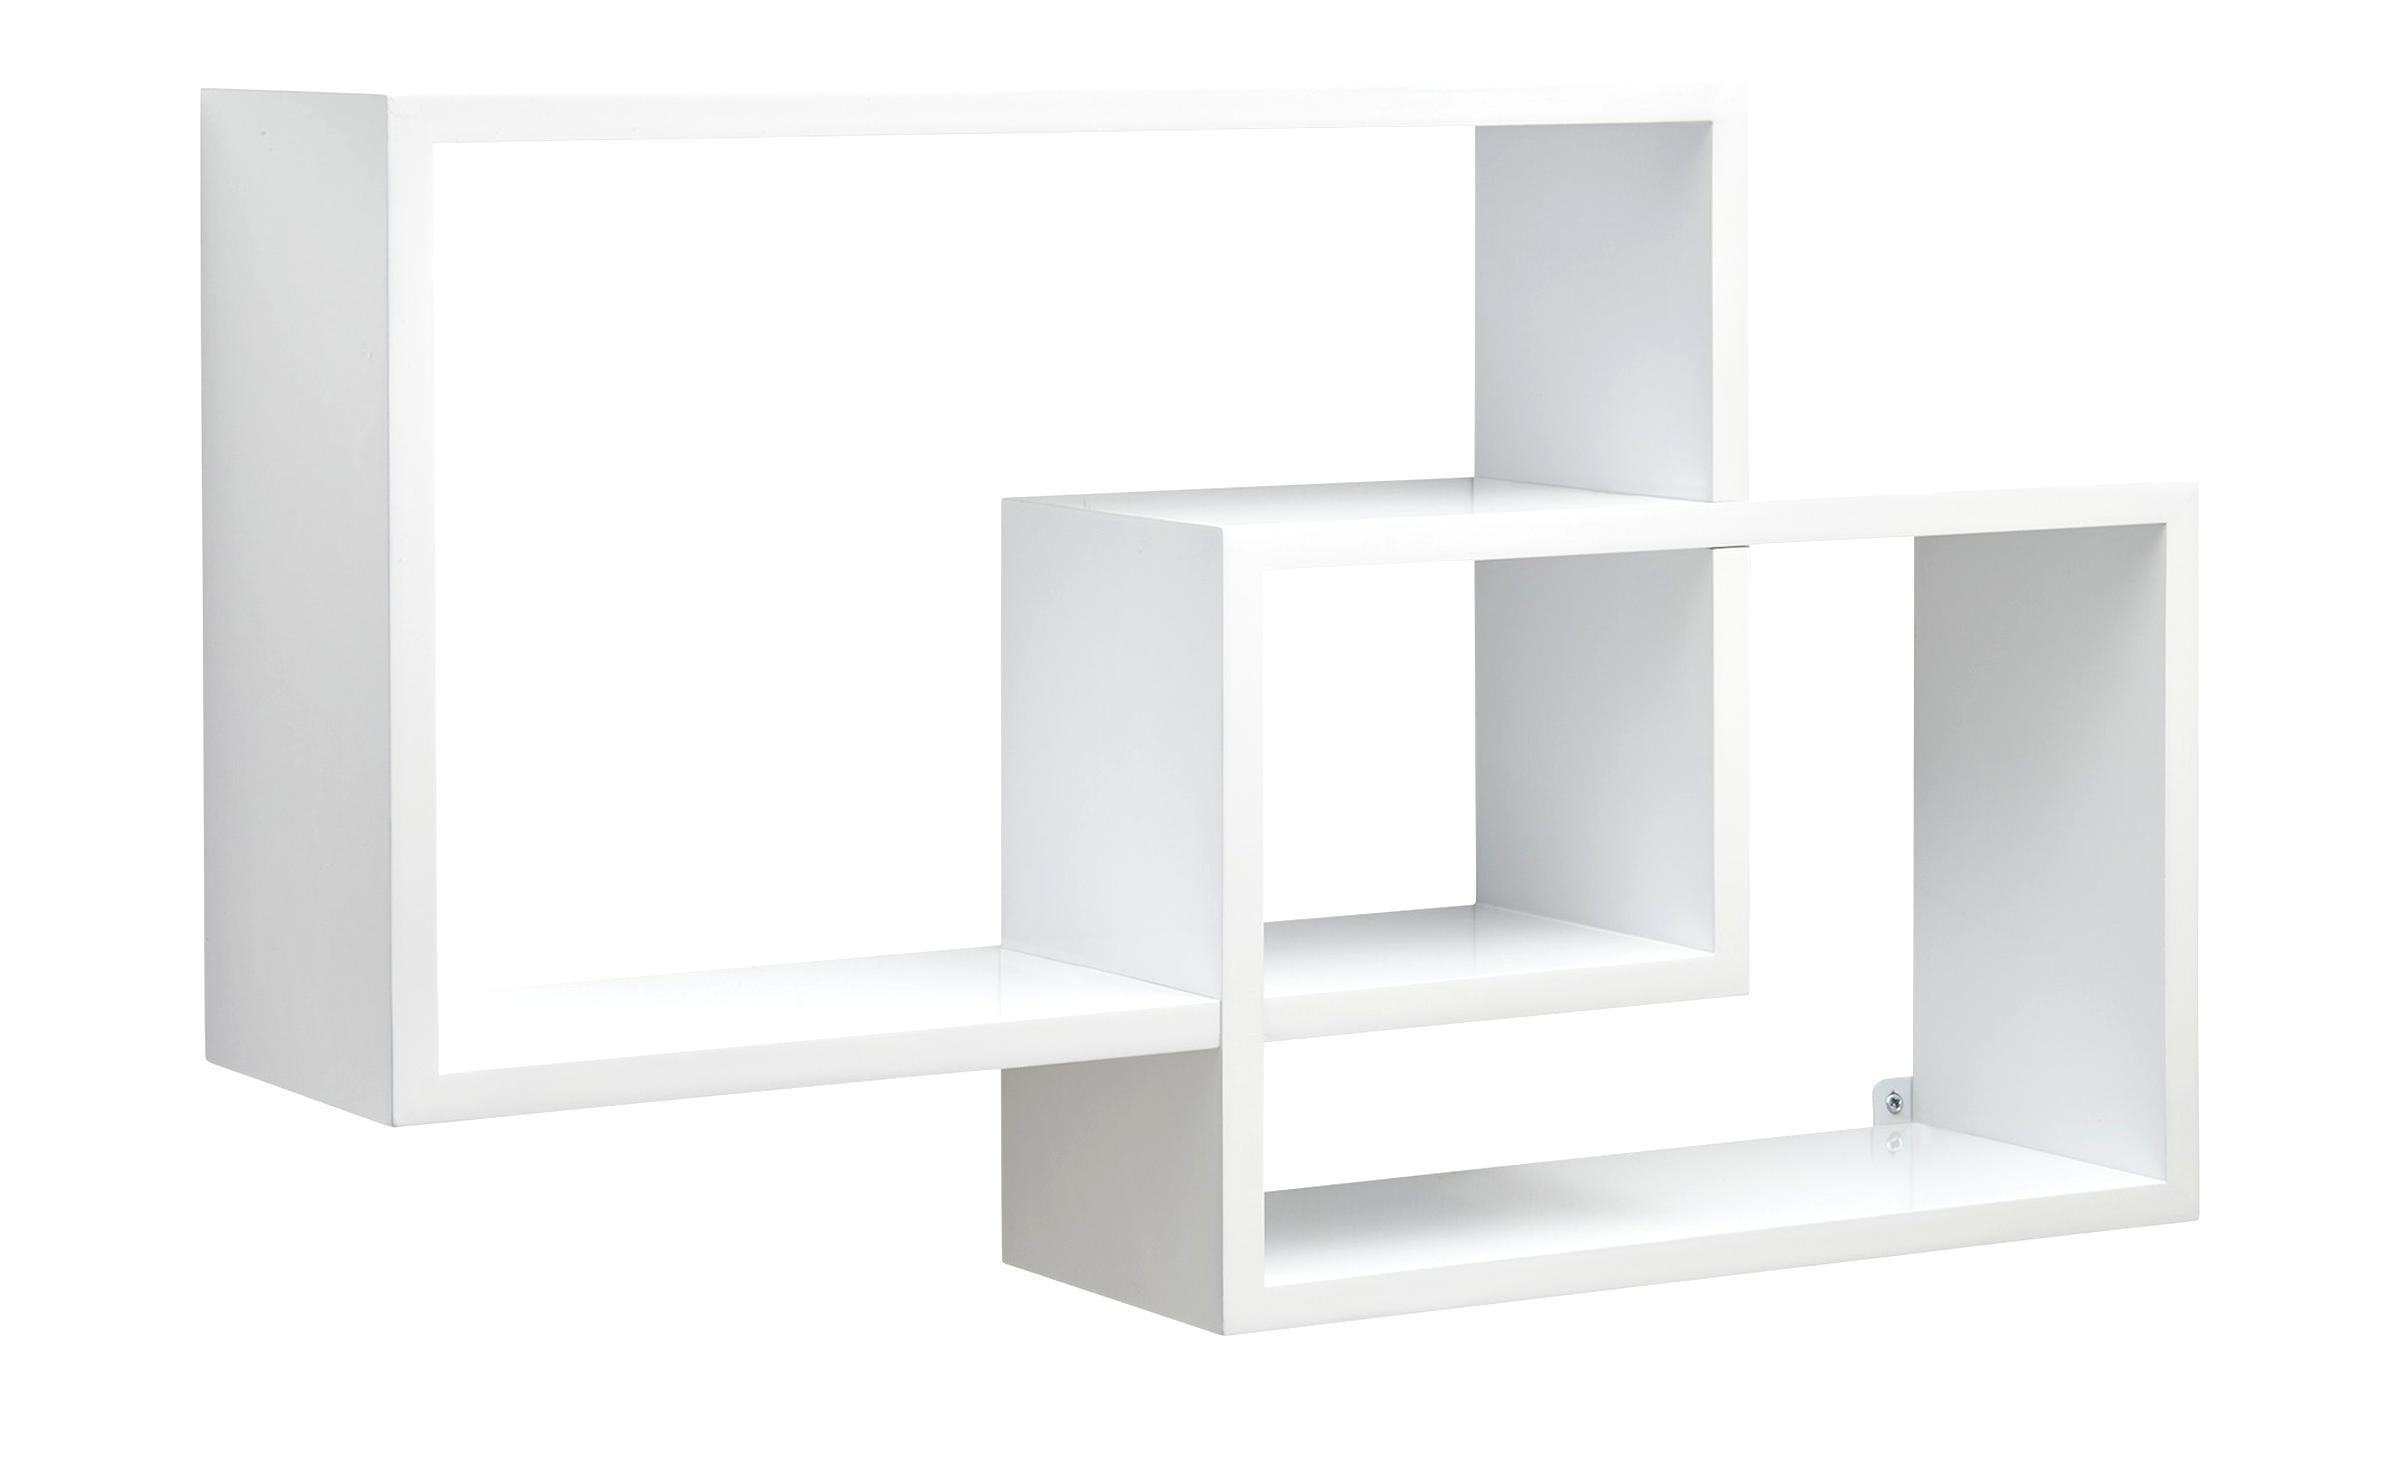 Full Size of Cube Wei Hochglanz Gebraucht Kaufen Nur 4 St Bis 75 Gnstiger Regal Babyzimmer Grün Big Sofa Weiß Weiße Küche Badezimmer Kleiderschrank Auf Maß Metall Nach Wohnzimmer Cube Regal Weiß Hochglanz